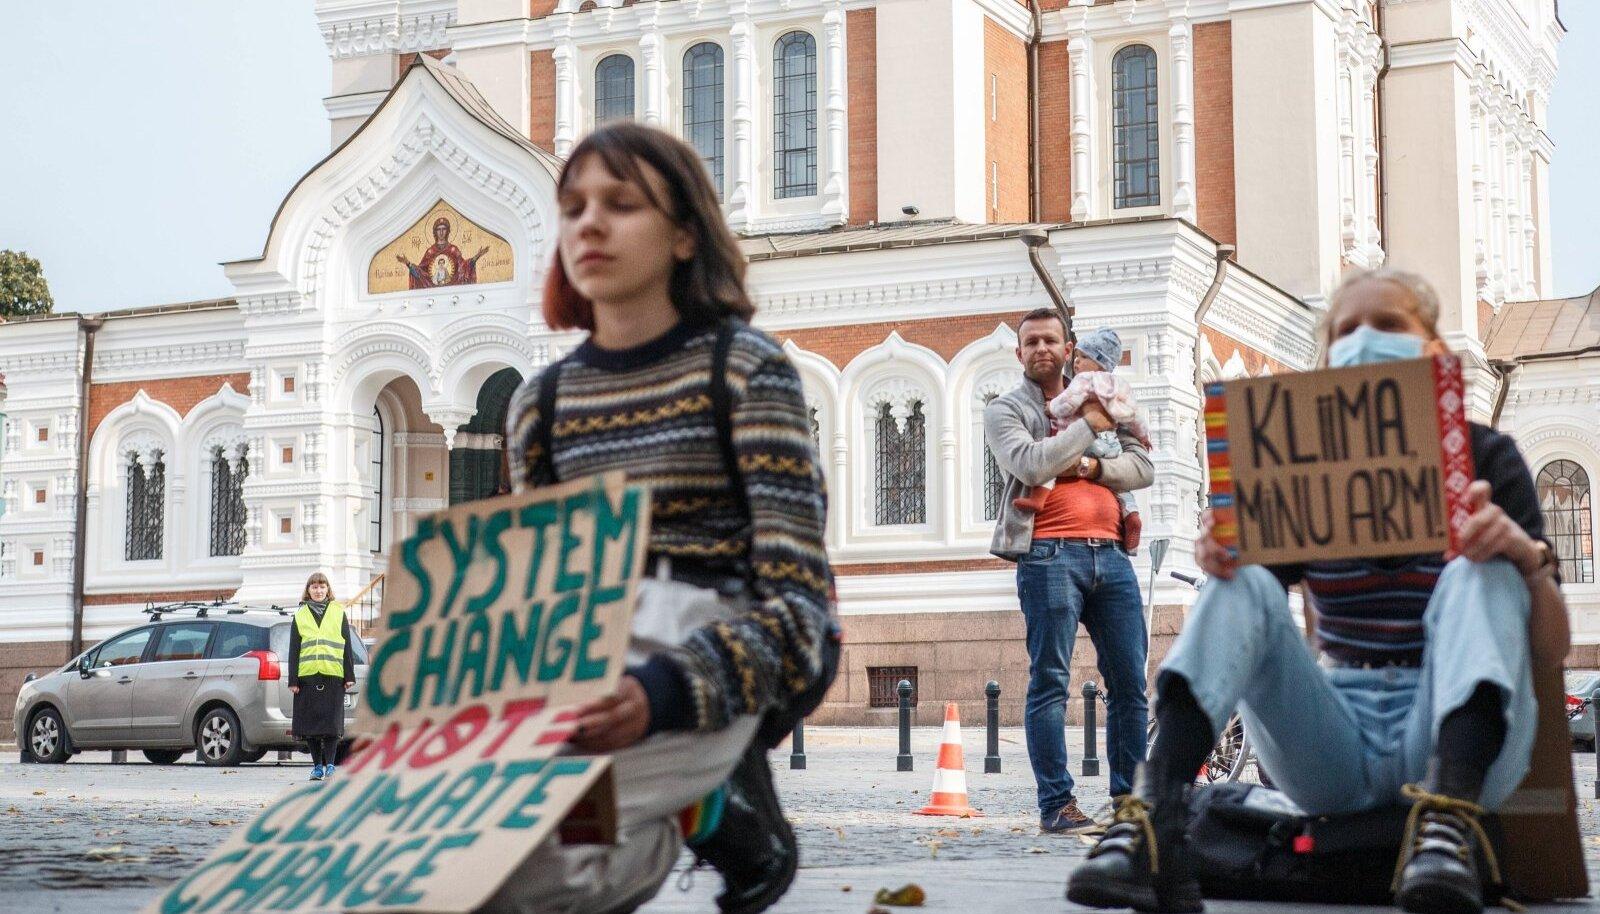 Noored kutsusid kliimamuutuse vastu võitlemiseks teadlasi kuulama